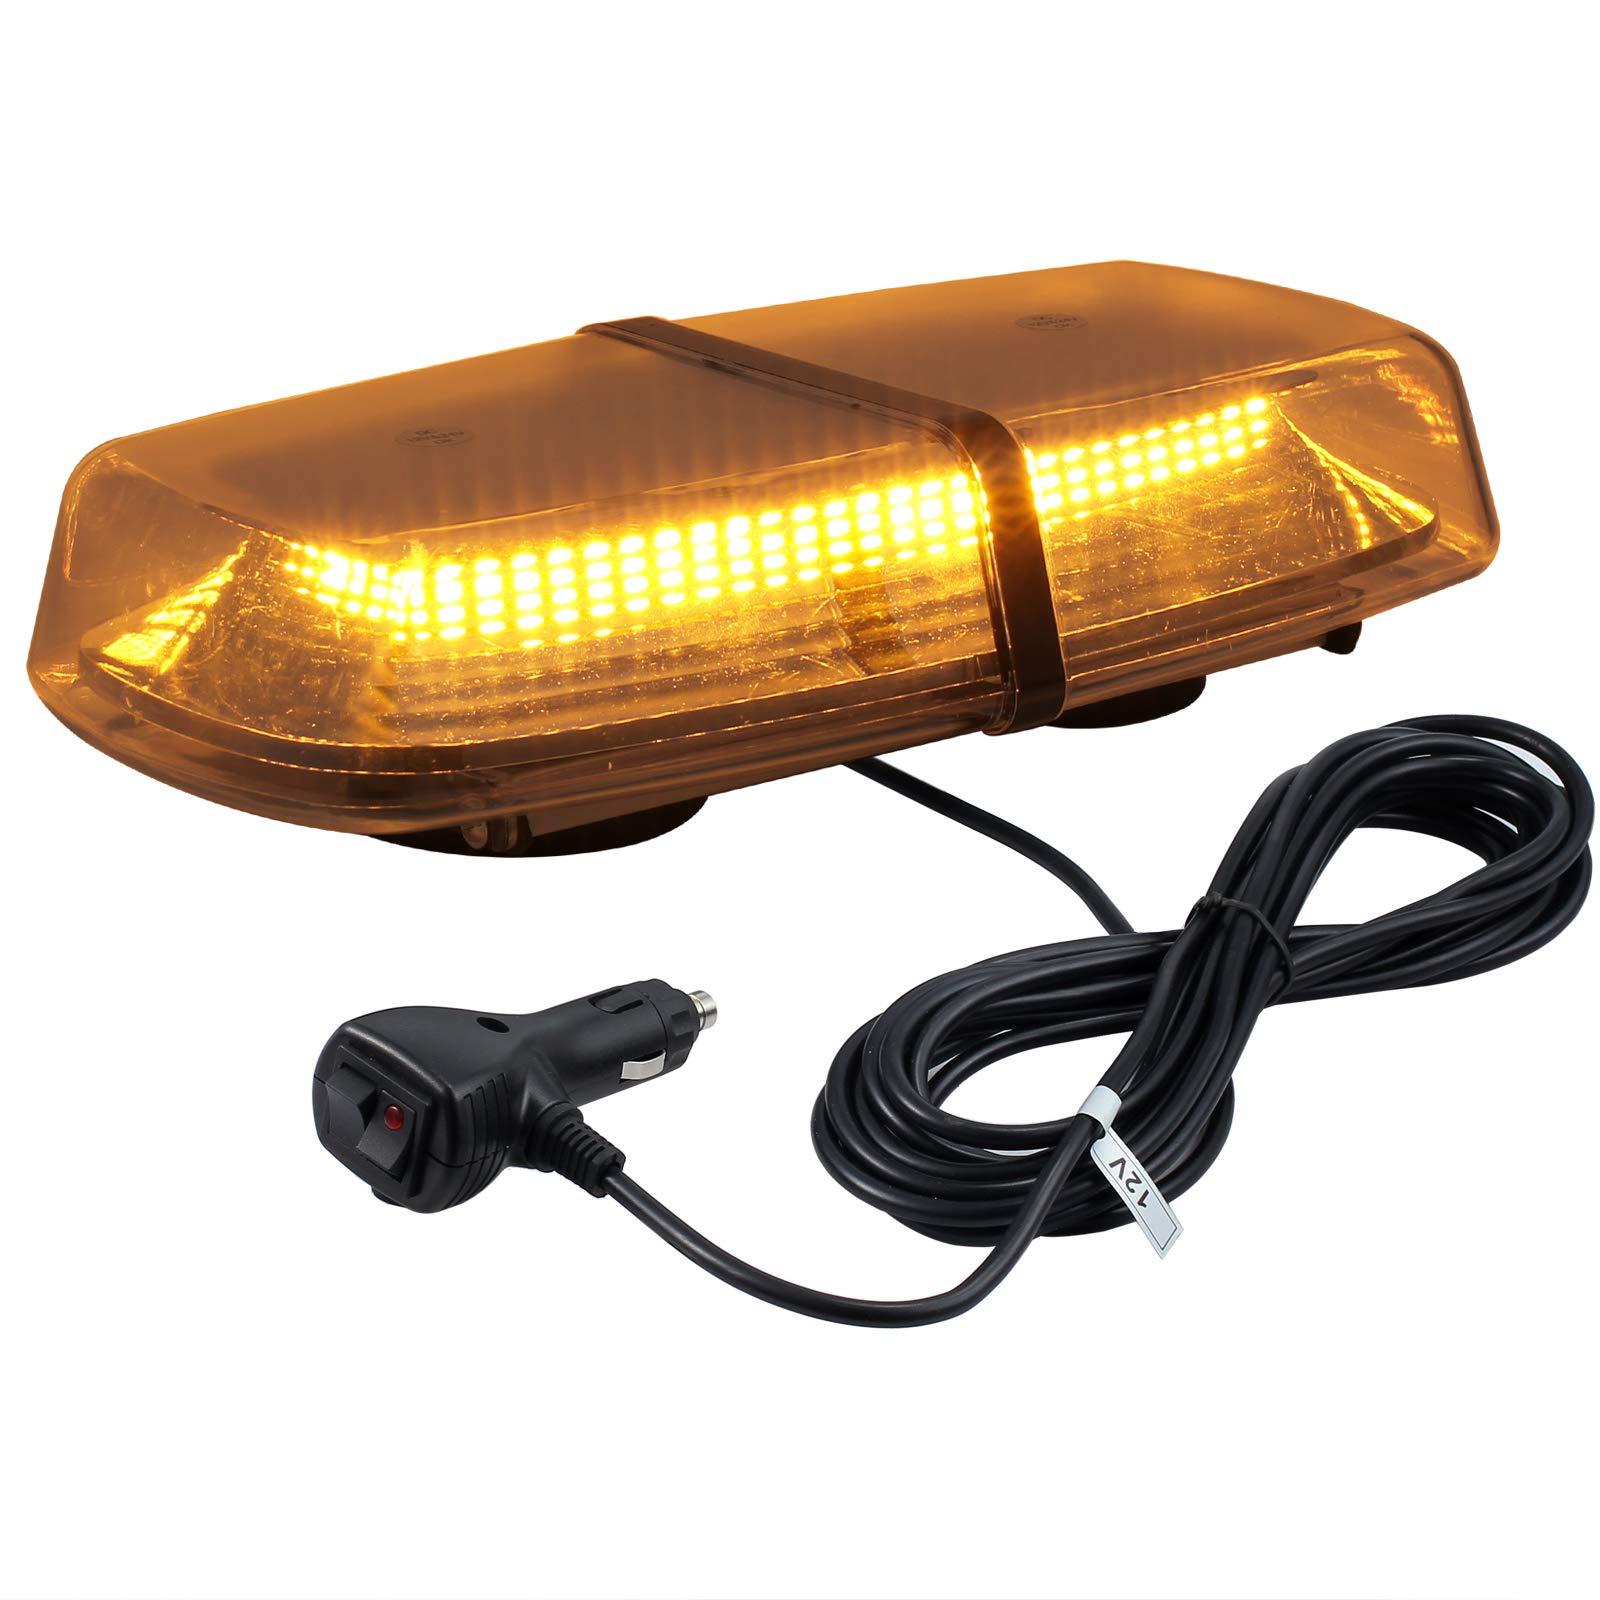 strobe emergency vehicle lighting amazon co ukcar roof light 12v 24v 72 led waterproof strobe warning light with double switch 5m